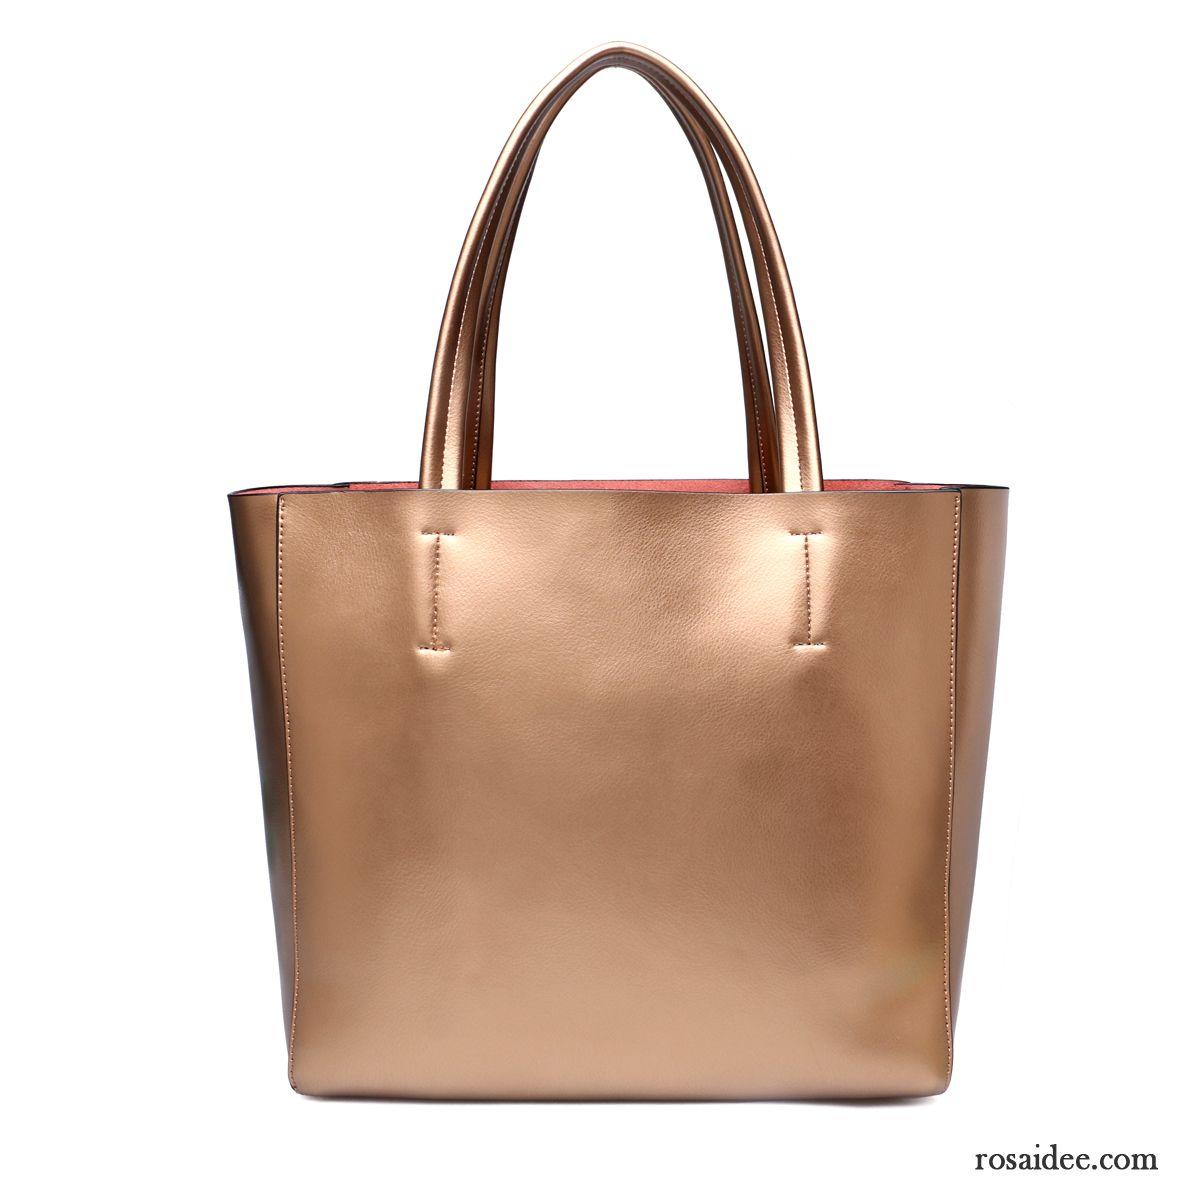 bekleidung schuhe taschen f r damen online kaufen rosa idee seite 2. Black Bedroom Furniture Sets. Home Design Ideas